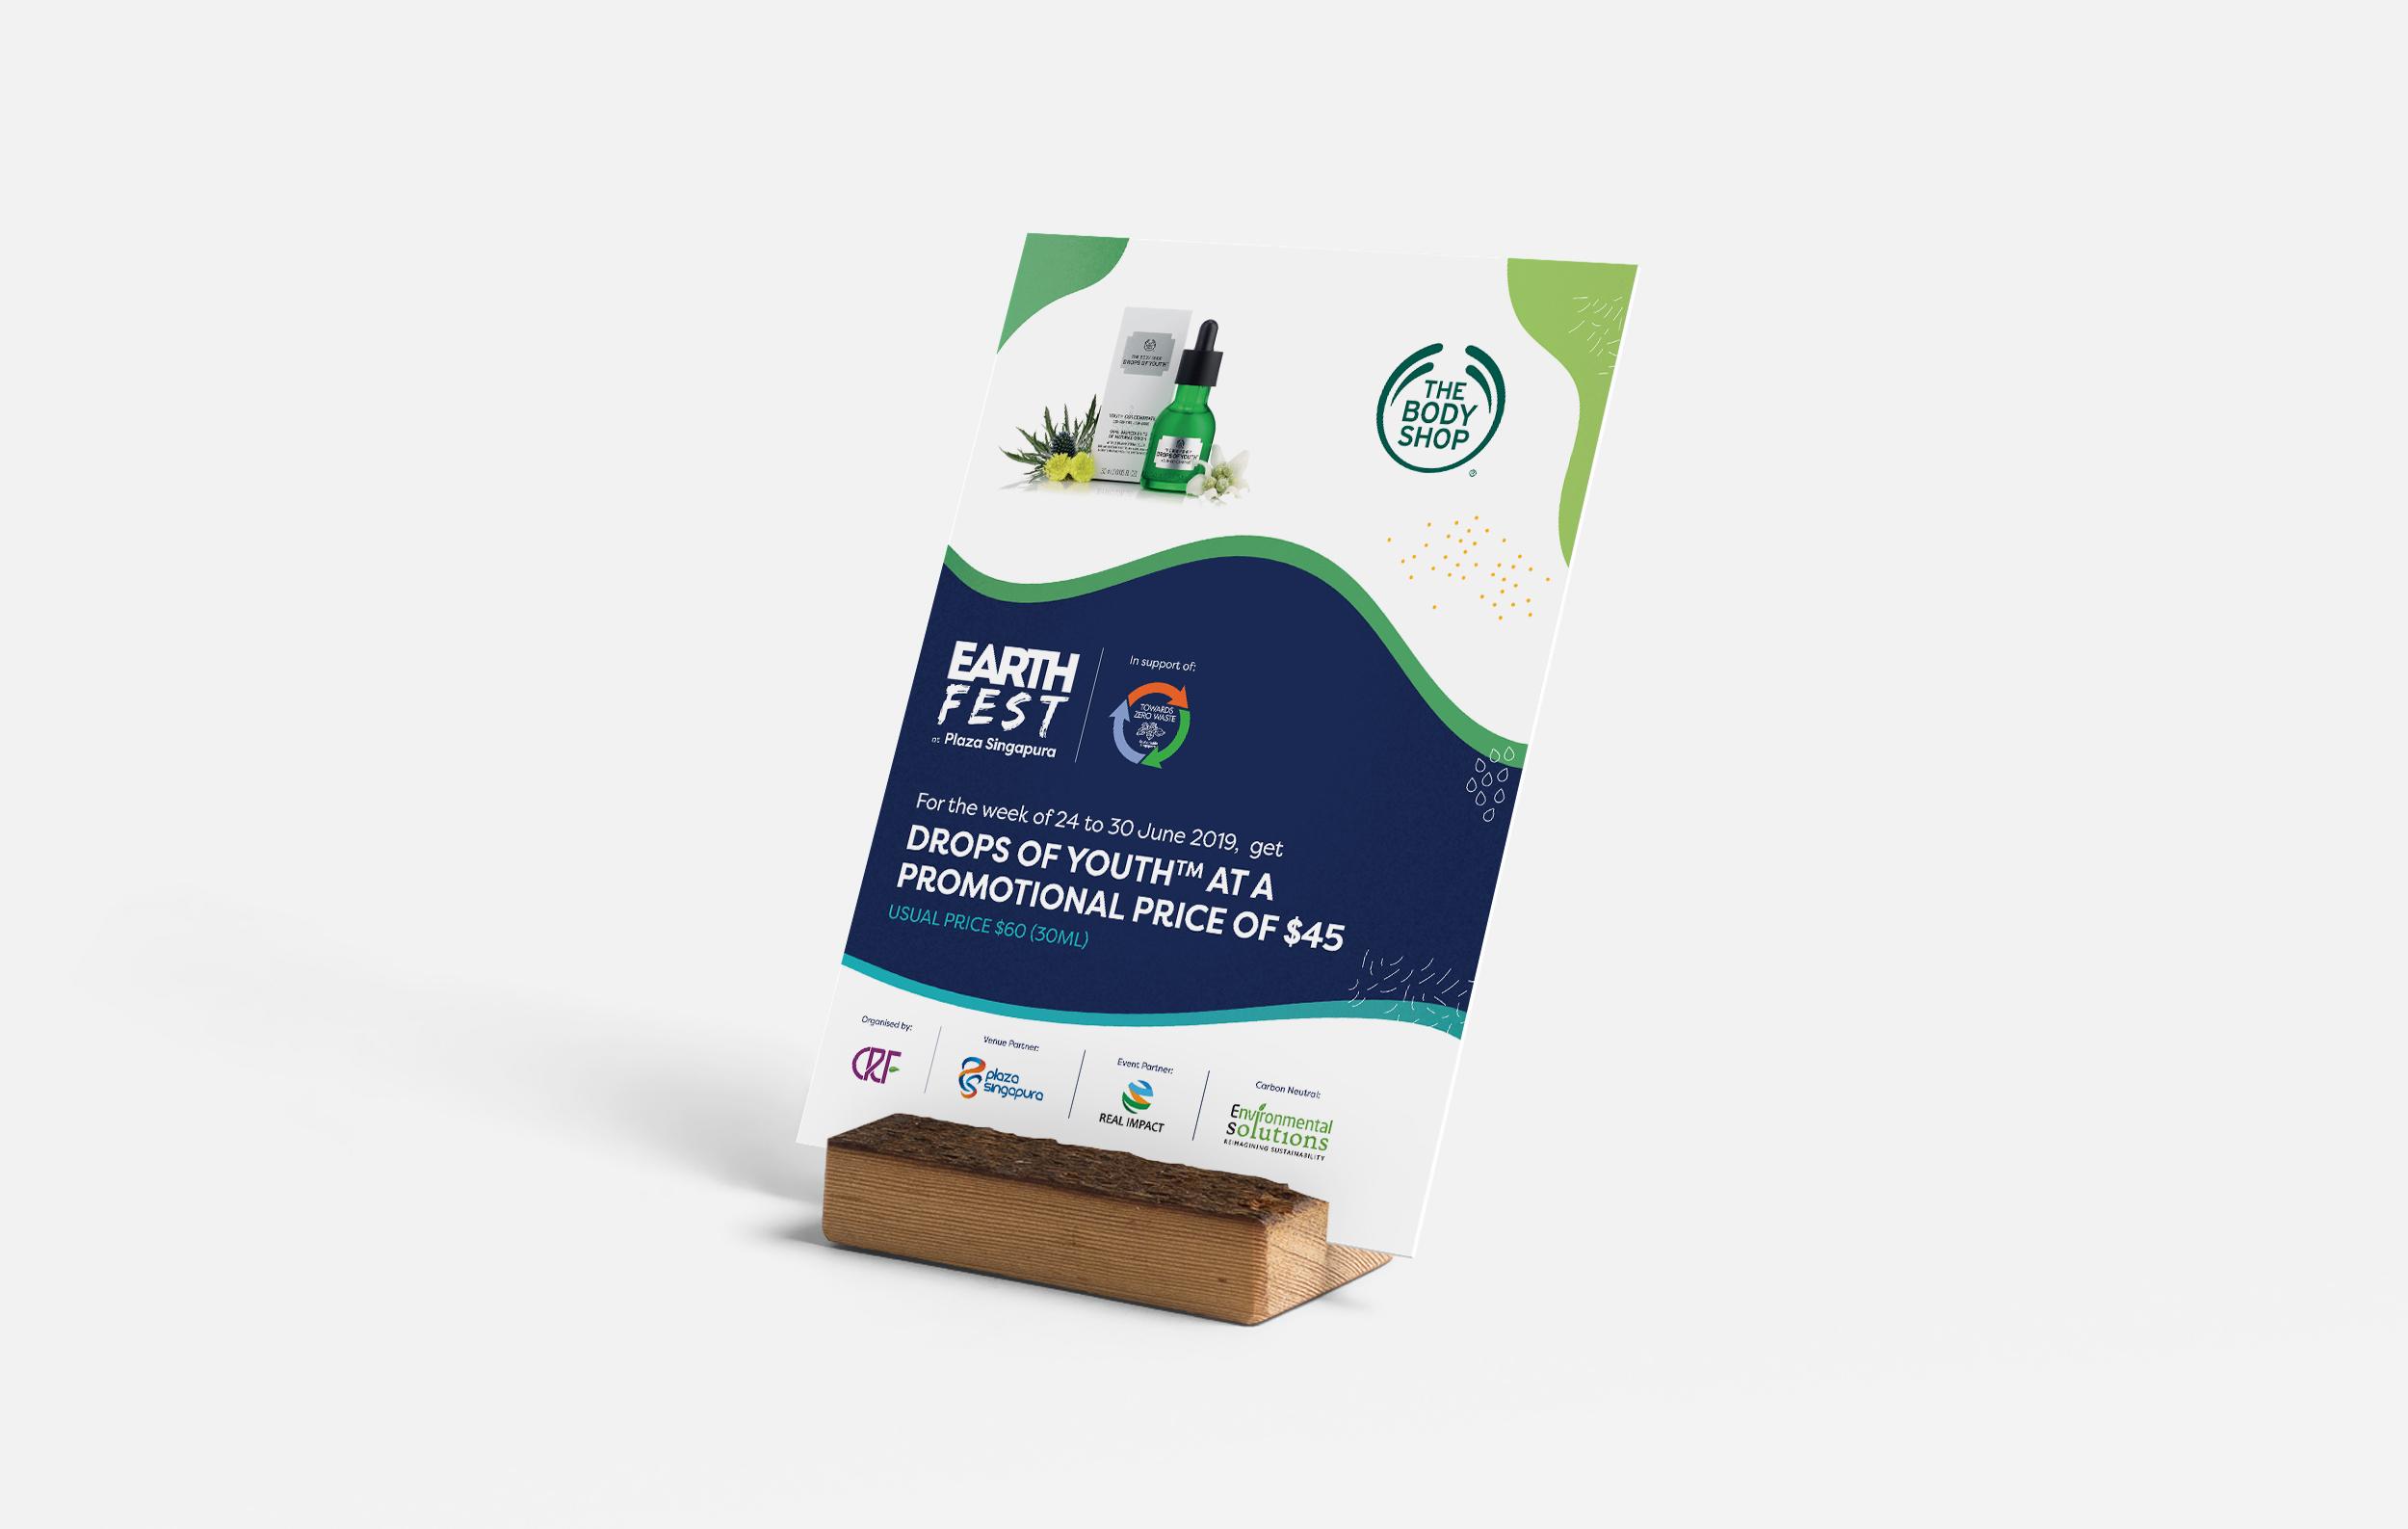 EarthFest-Promotional-Material.jpg